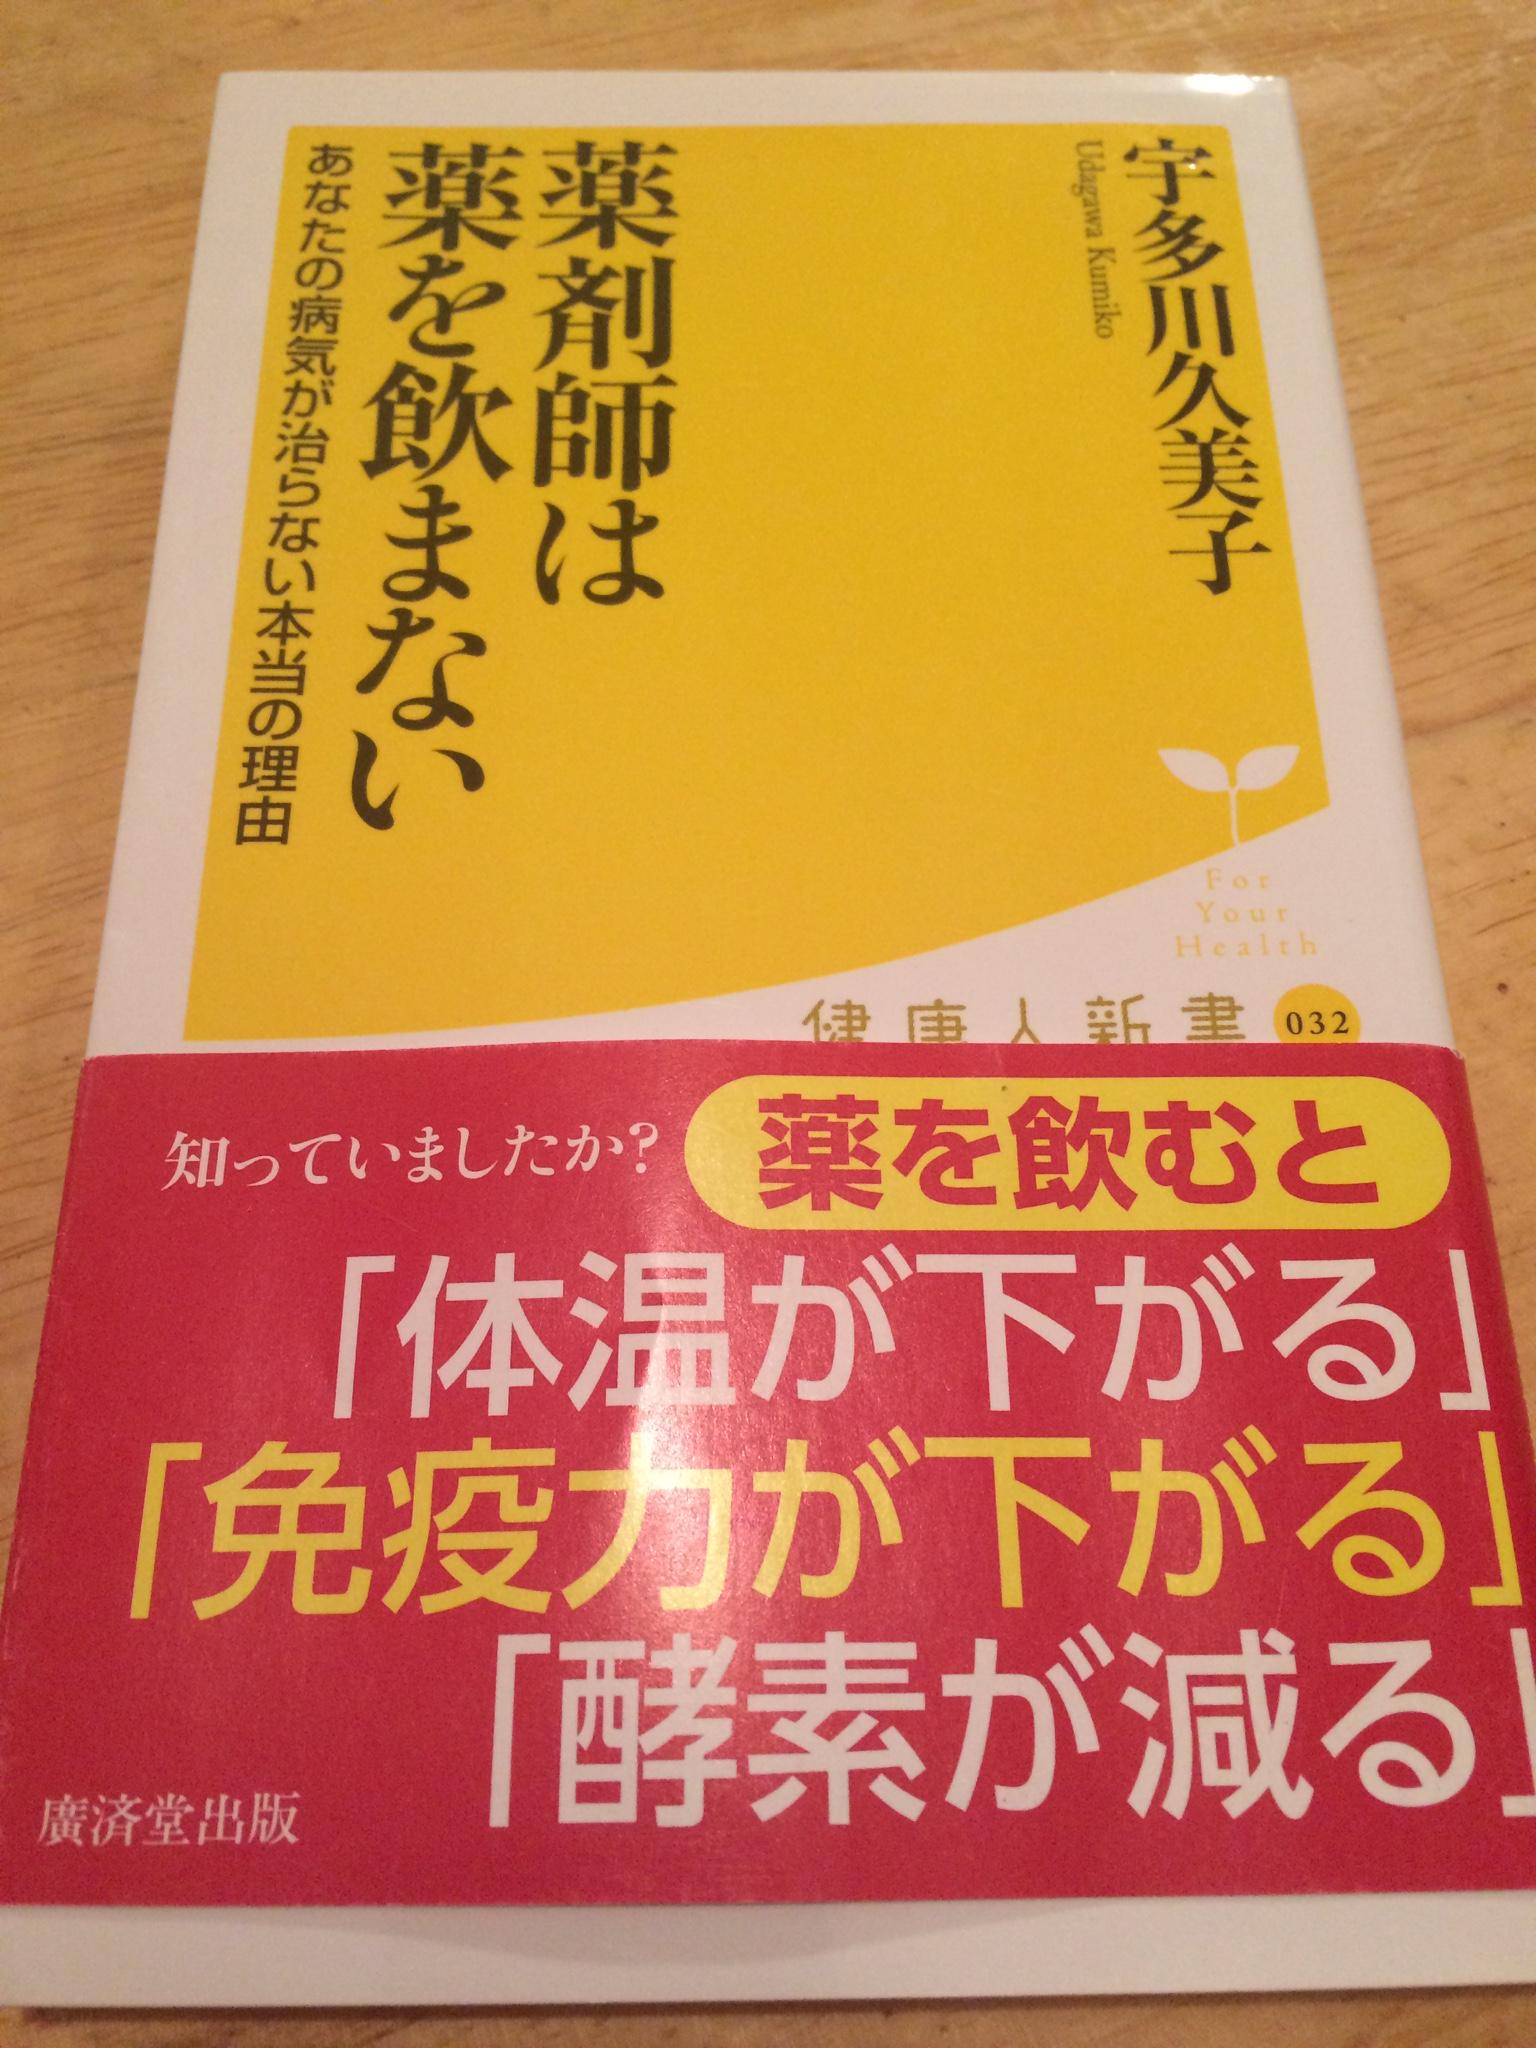 次に読む本